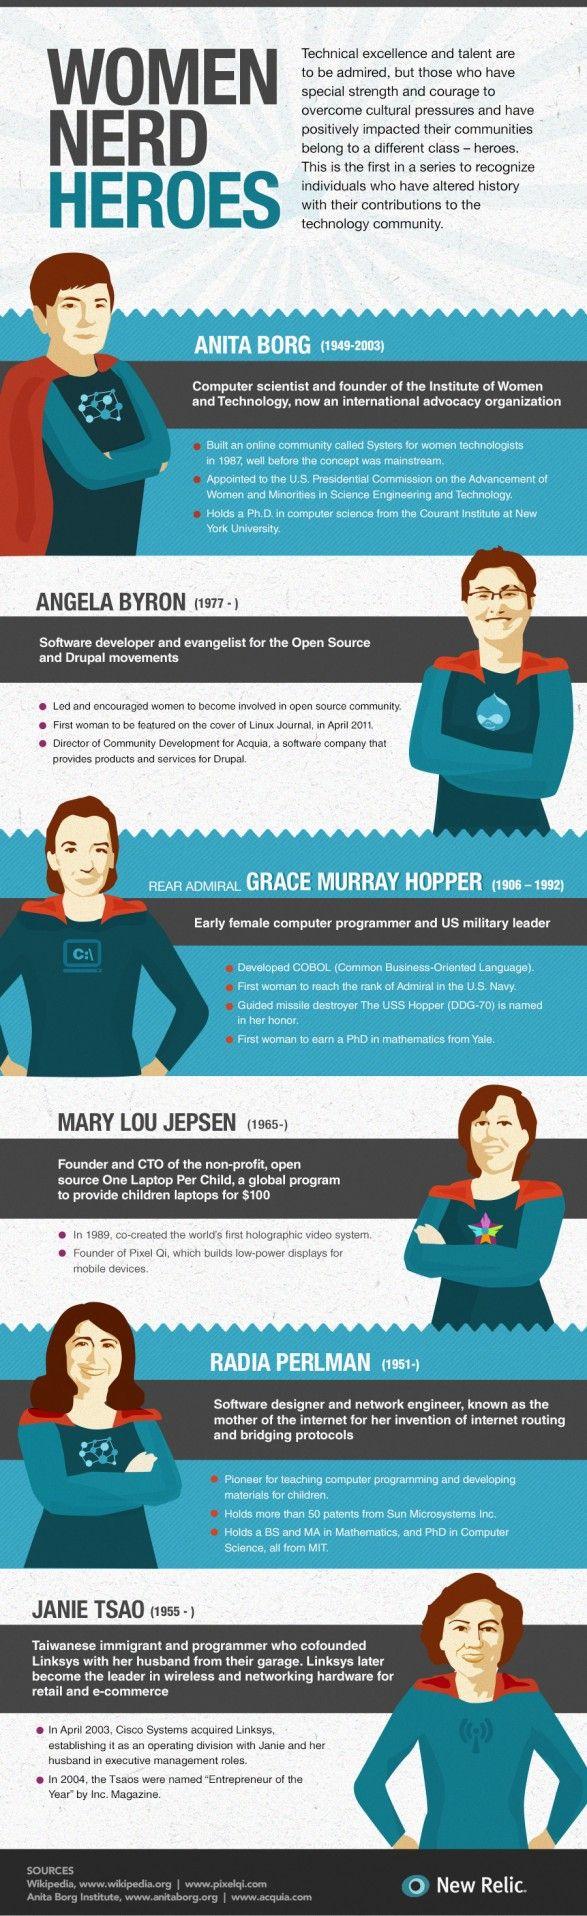 women-nerd-heroes_50f42a87751b9_w587.jpg (587×1916)